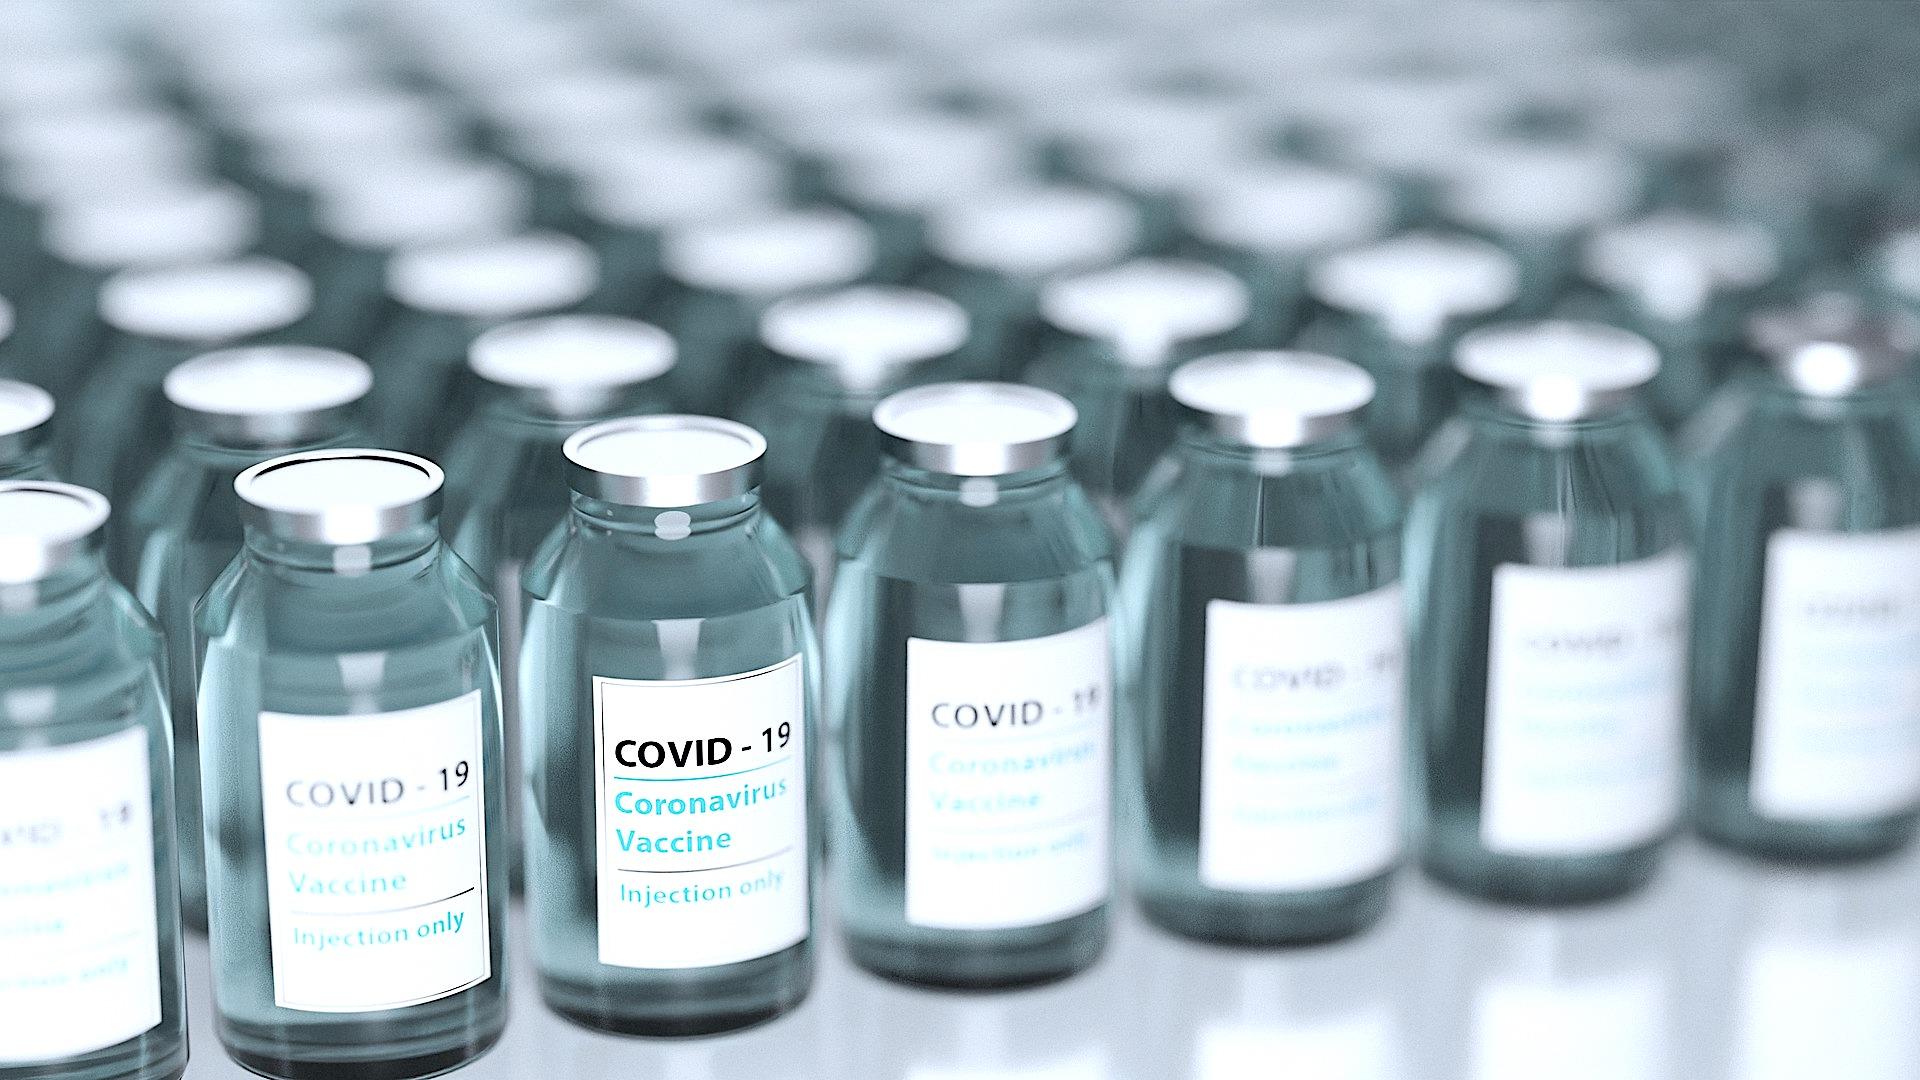 Covid-19 : Amnesty International dénonce un manque d'équité dans la distribution des vaccins dans le monde